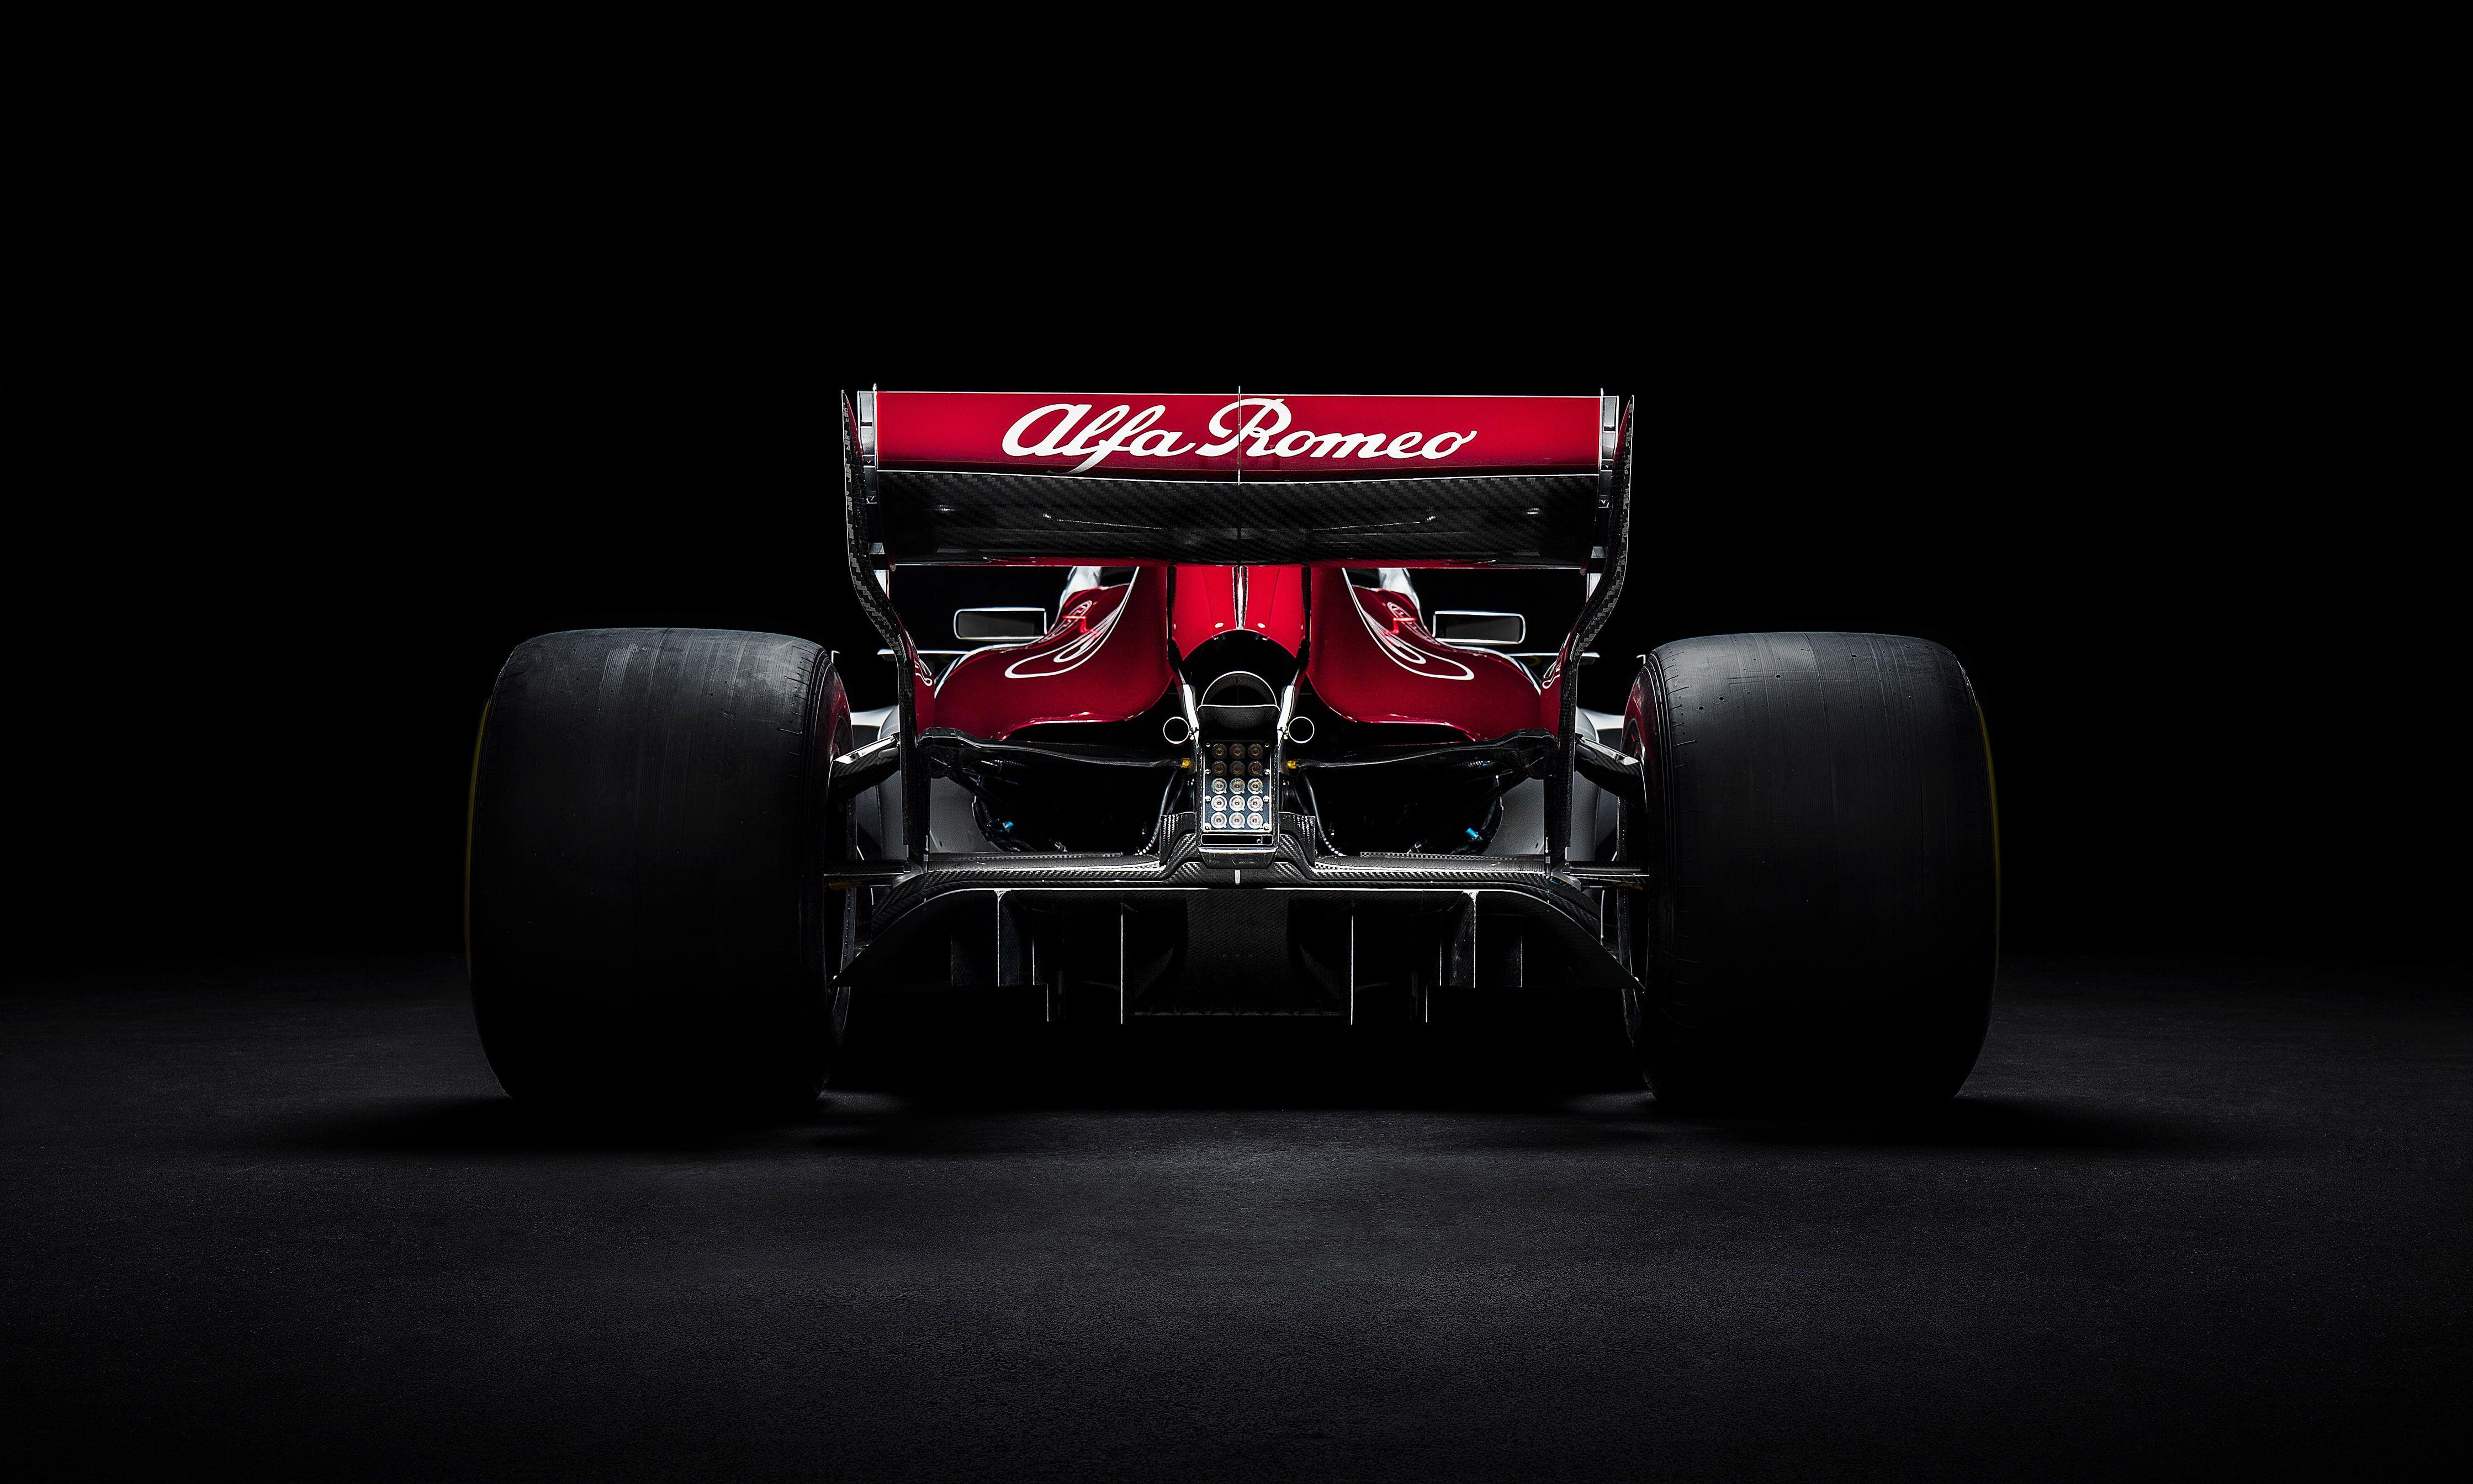 Red And Black Alfa Romeo Race Car Alfa Romeo Sauber C37 F1 Cars Formula 1 Hd 4k 4k Wallpaper Hdwallpaper Desktop In 2020 Alfa Romeo Racing Car